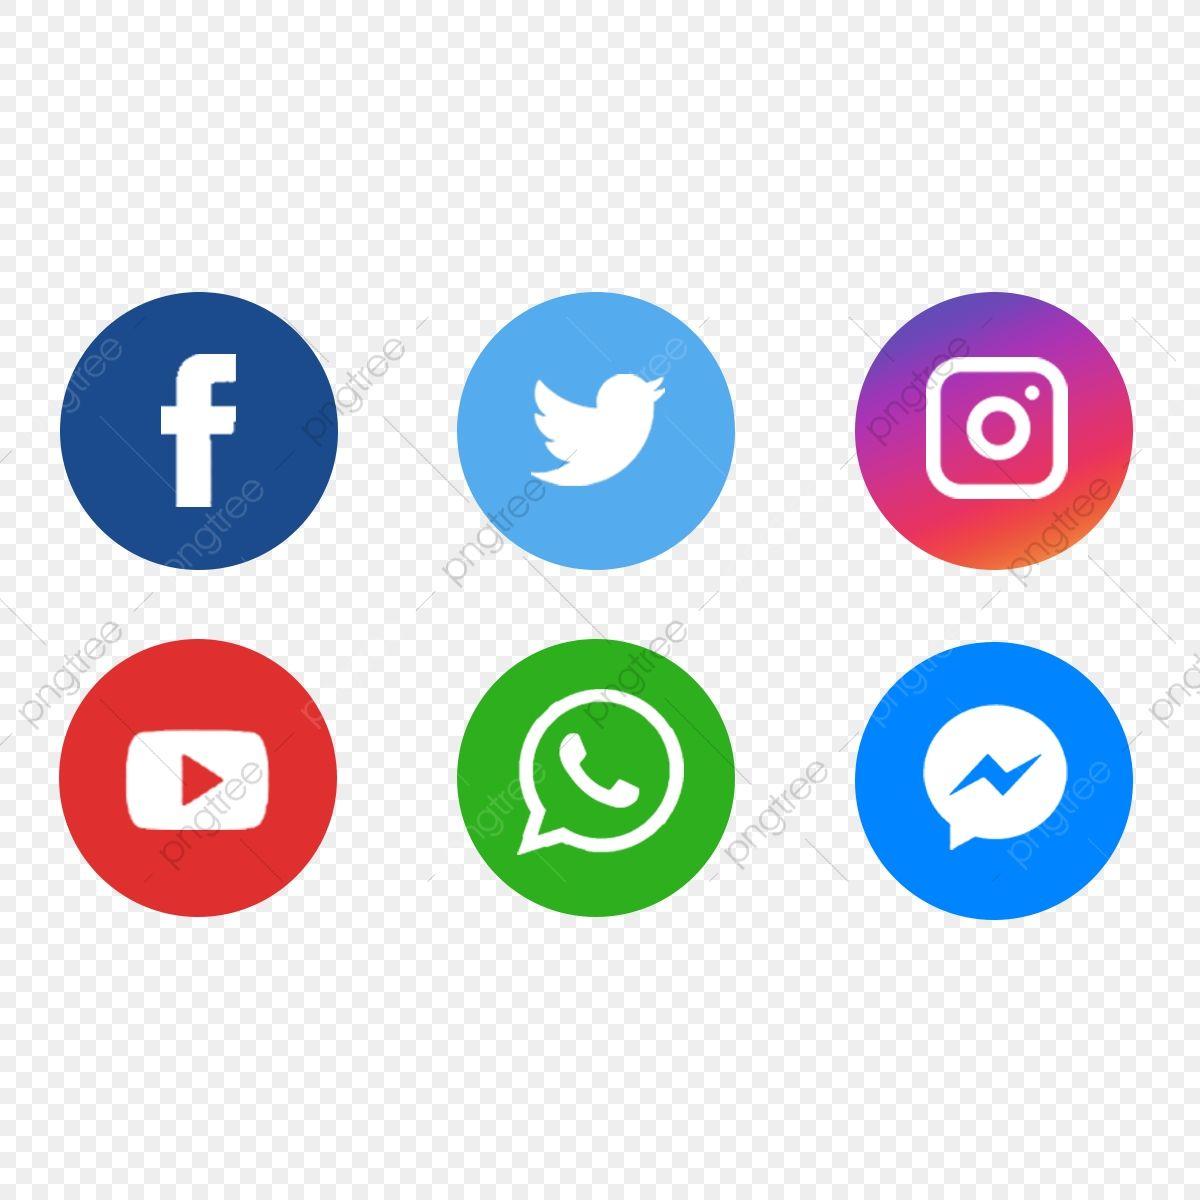 أيقونات وسائل التواصل الاجتماعي وسائل التواصل الاجتماعي المرسومة وسائل التواصل الاجتماعي شعار وسائل التواصل الاجتماعي Png وملف Psd للتحميل مجانا Social Media Logos Social Media Icons Free Facebook And Instagram Logo